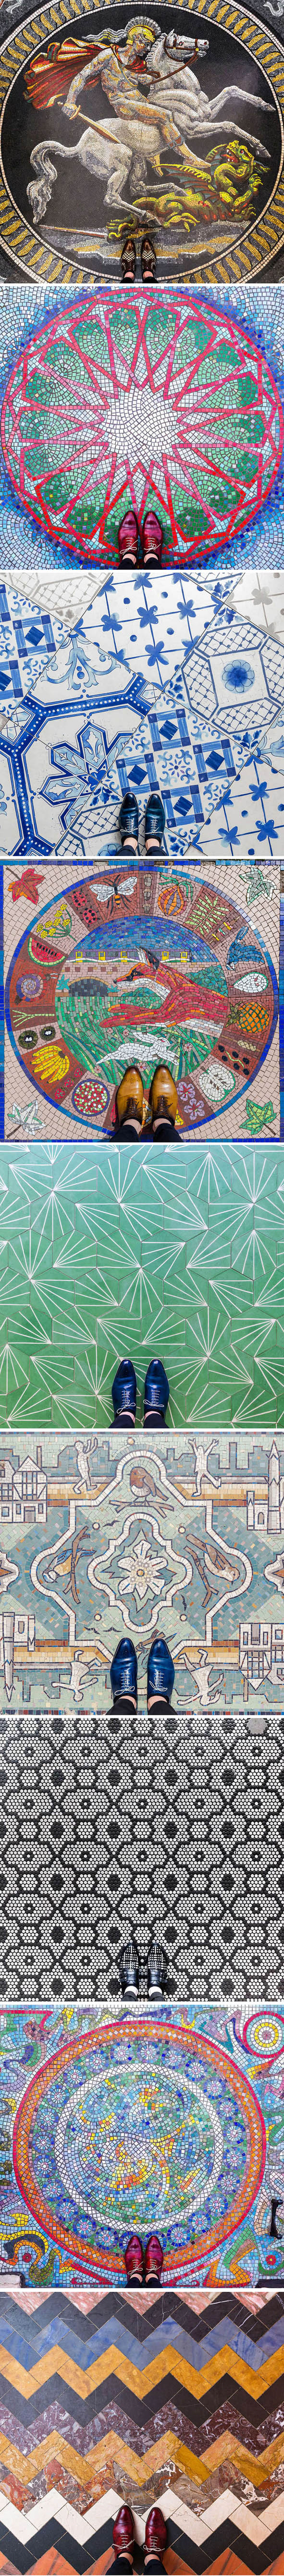 Sebastian Erras fotografa os mais belos azulejos e mosaicos de Londres stylo urbano